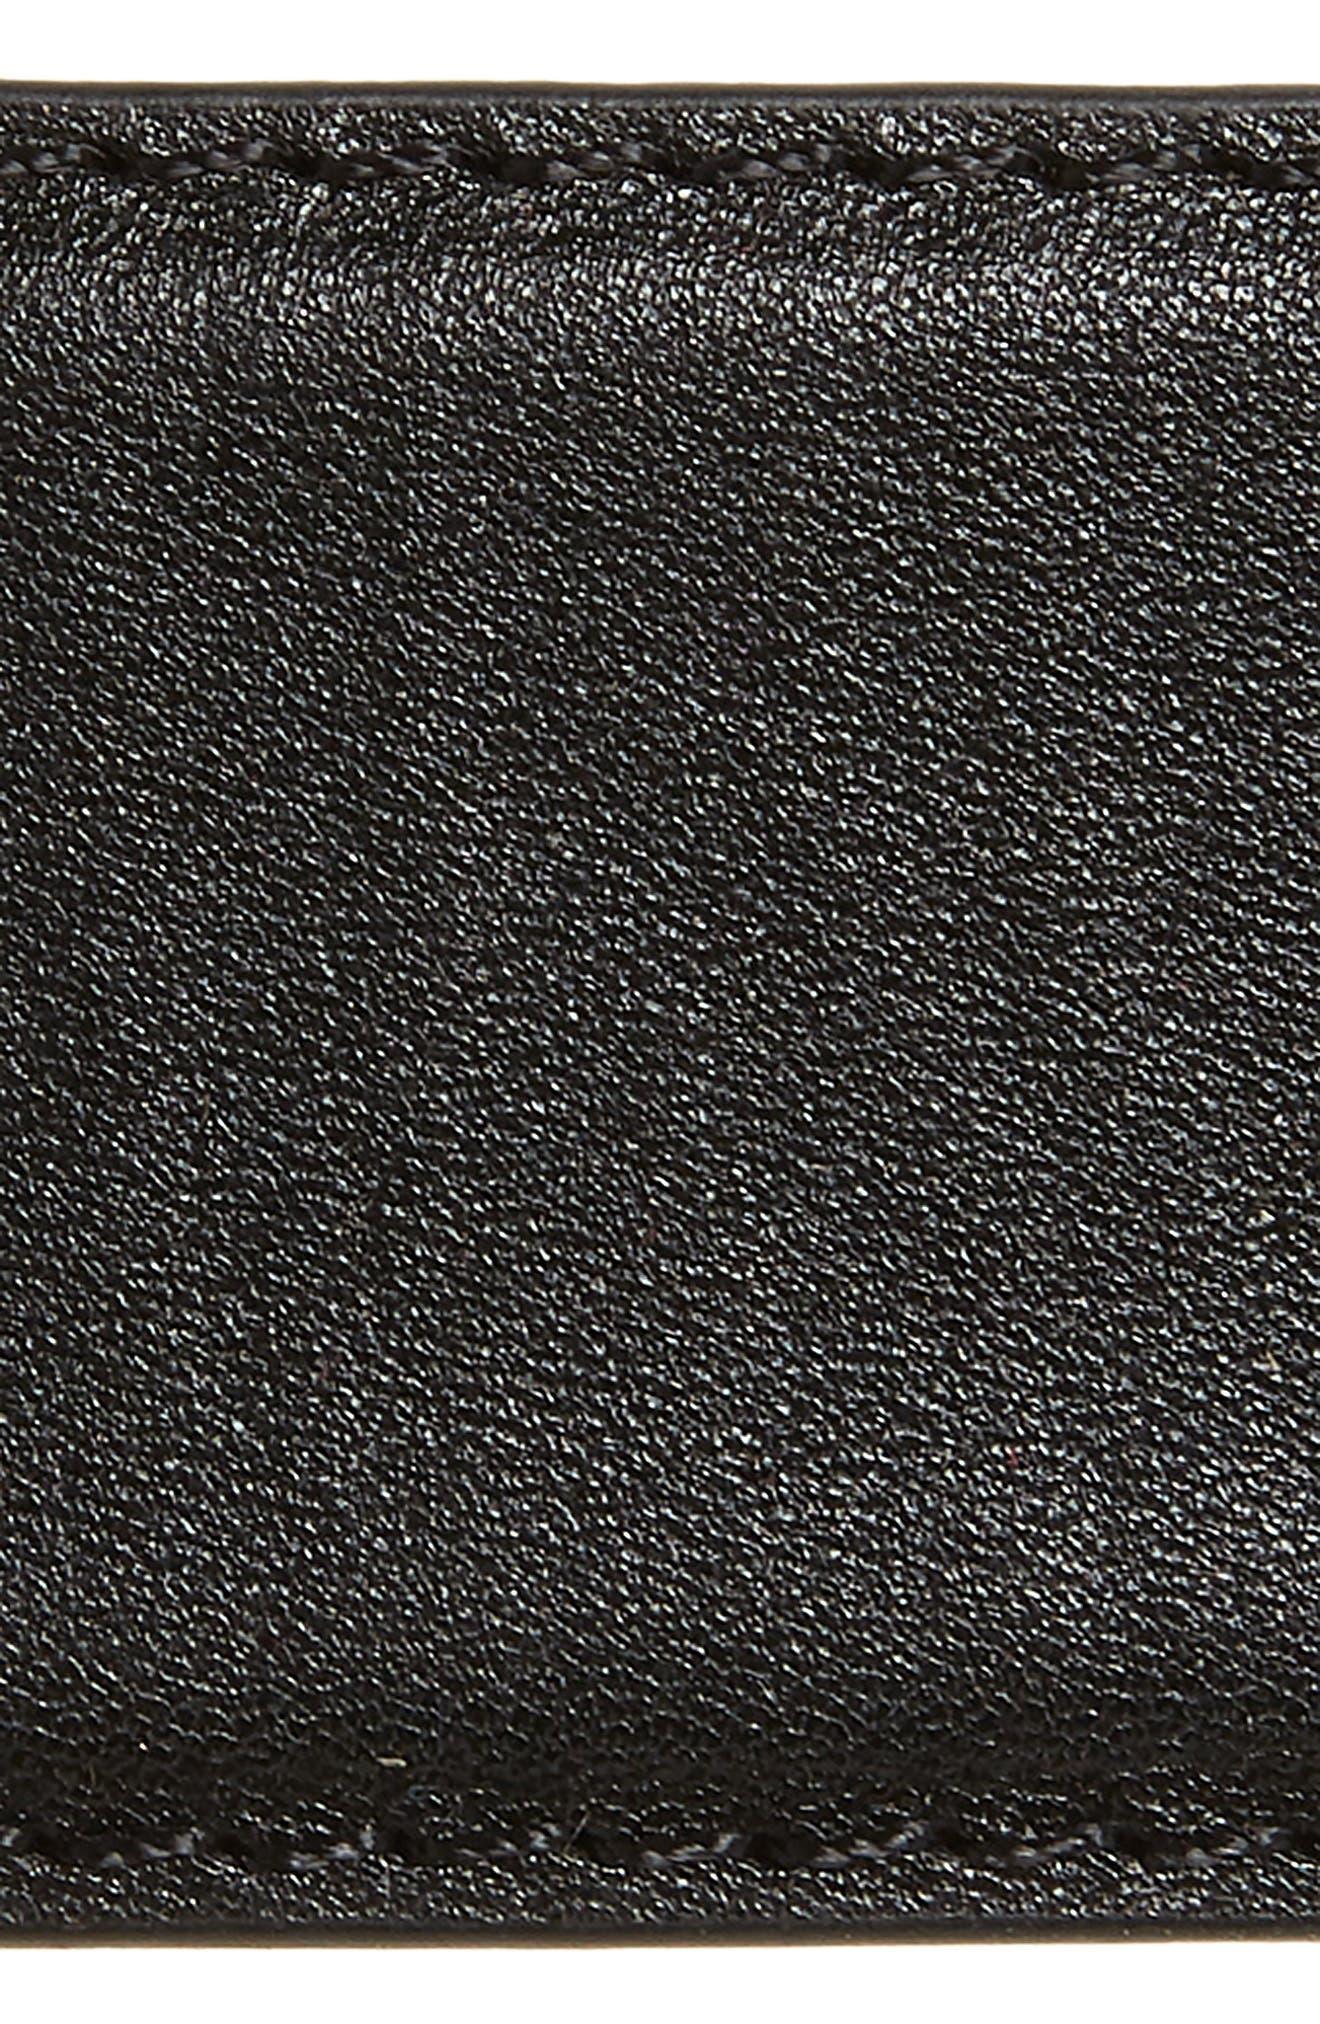 Double Buckle Leather Belt,                             Alternate thumbnail 3, color,                             BLACK